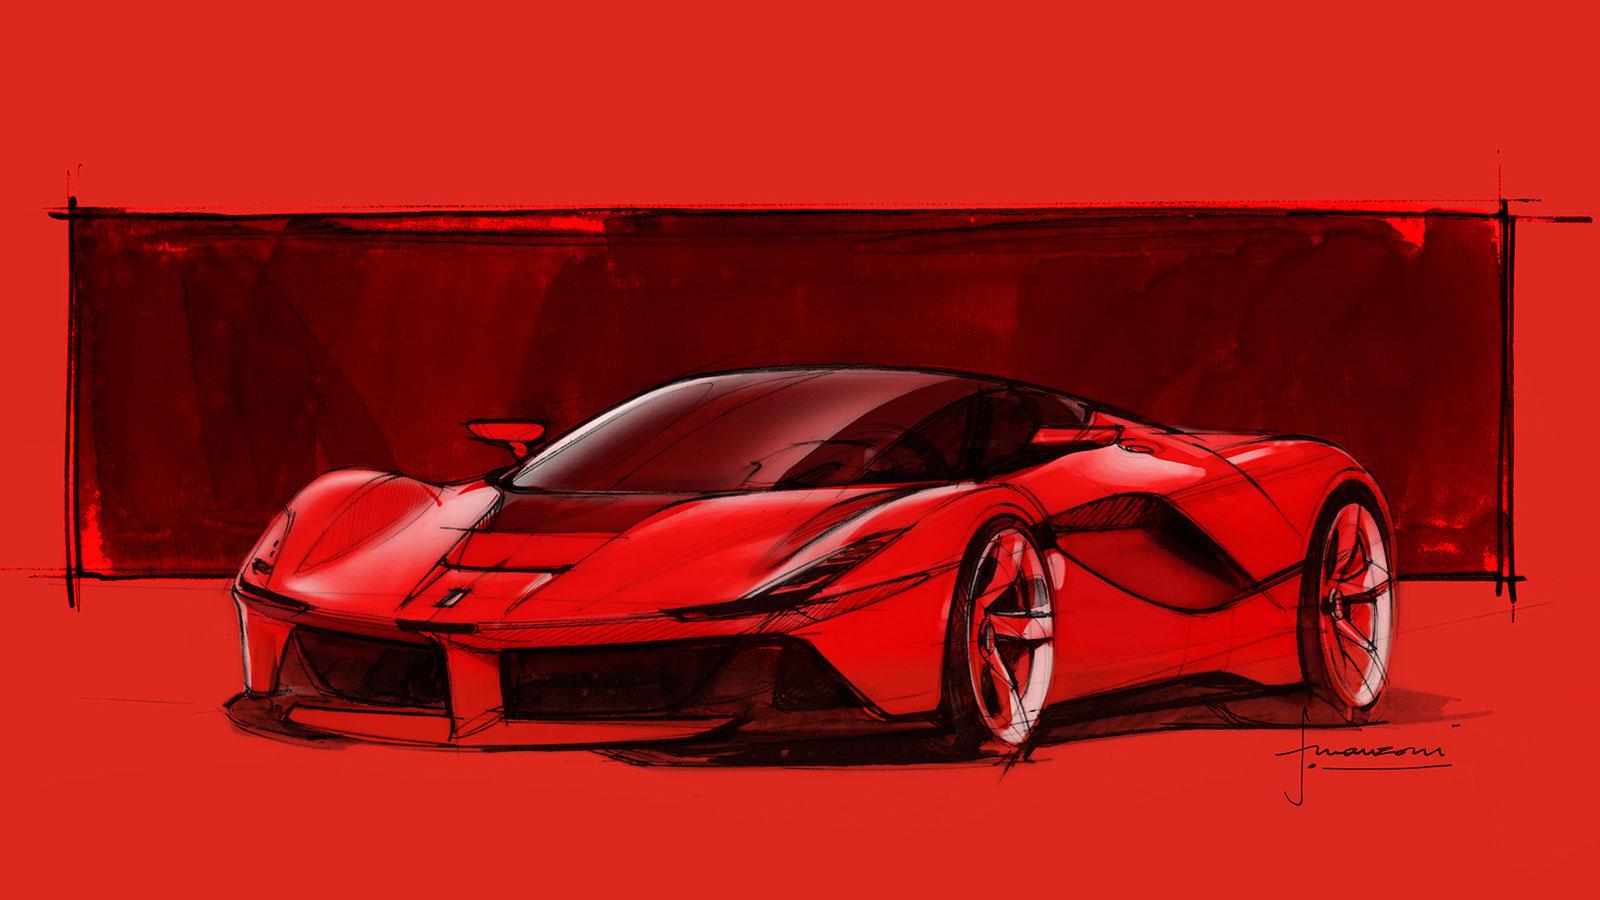 Laferrari Design Sketch By Flavio Manzoni Car Body Design